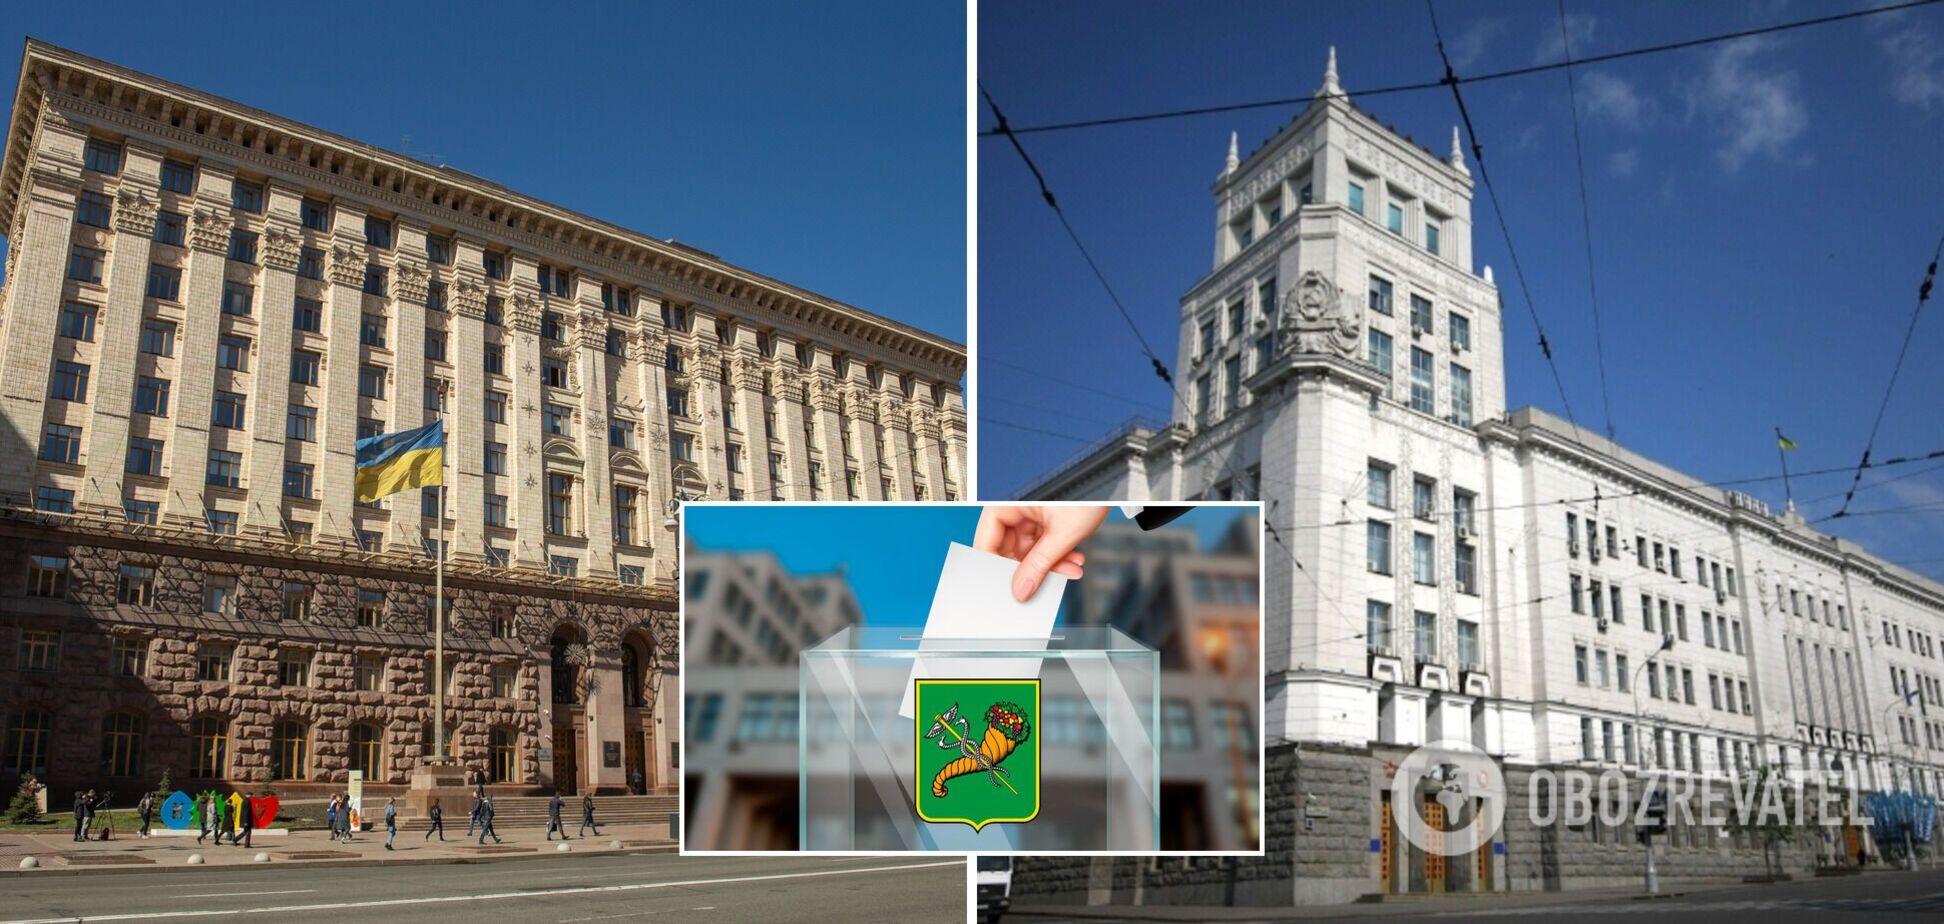 Для борьбы с коррупцией Харькову необходимо использовать свои сильные стороны